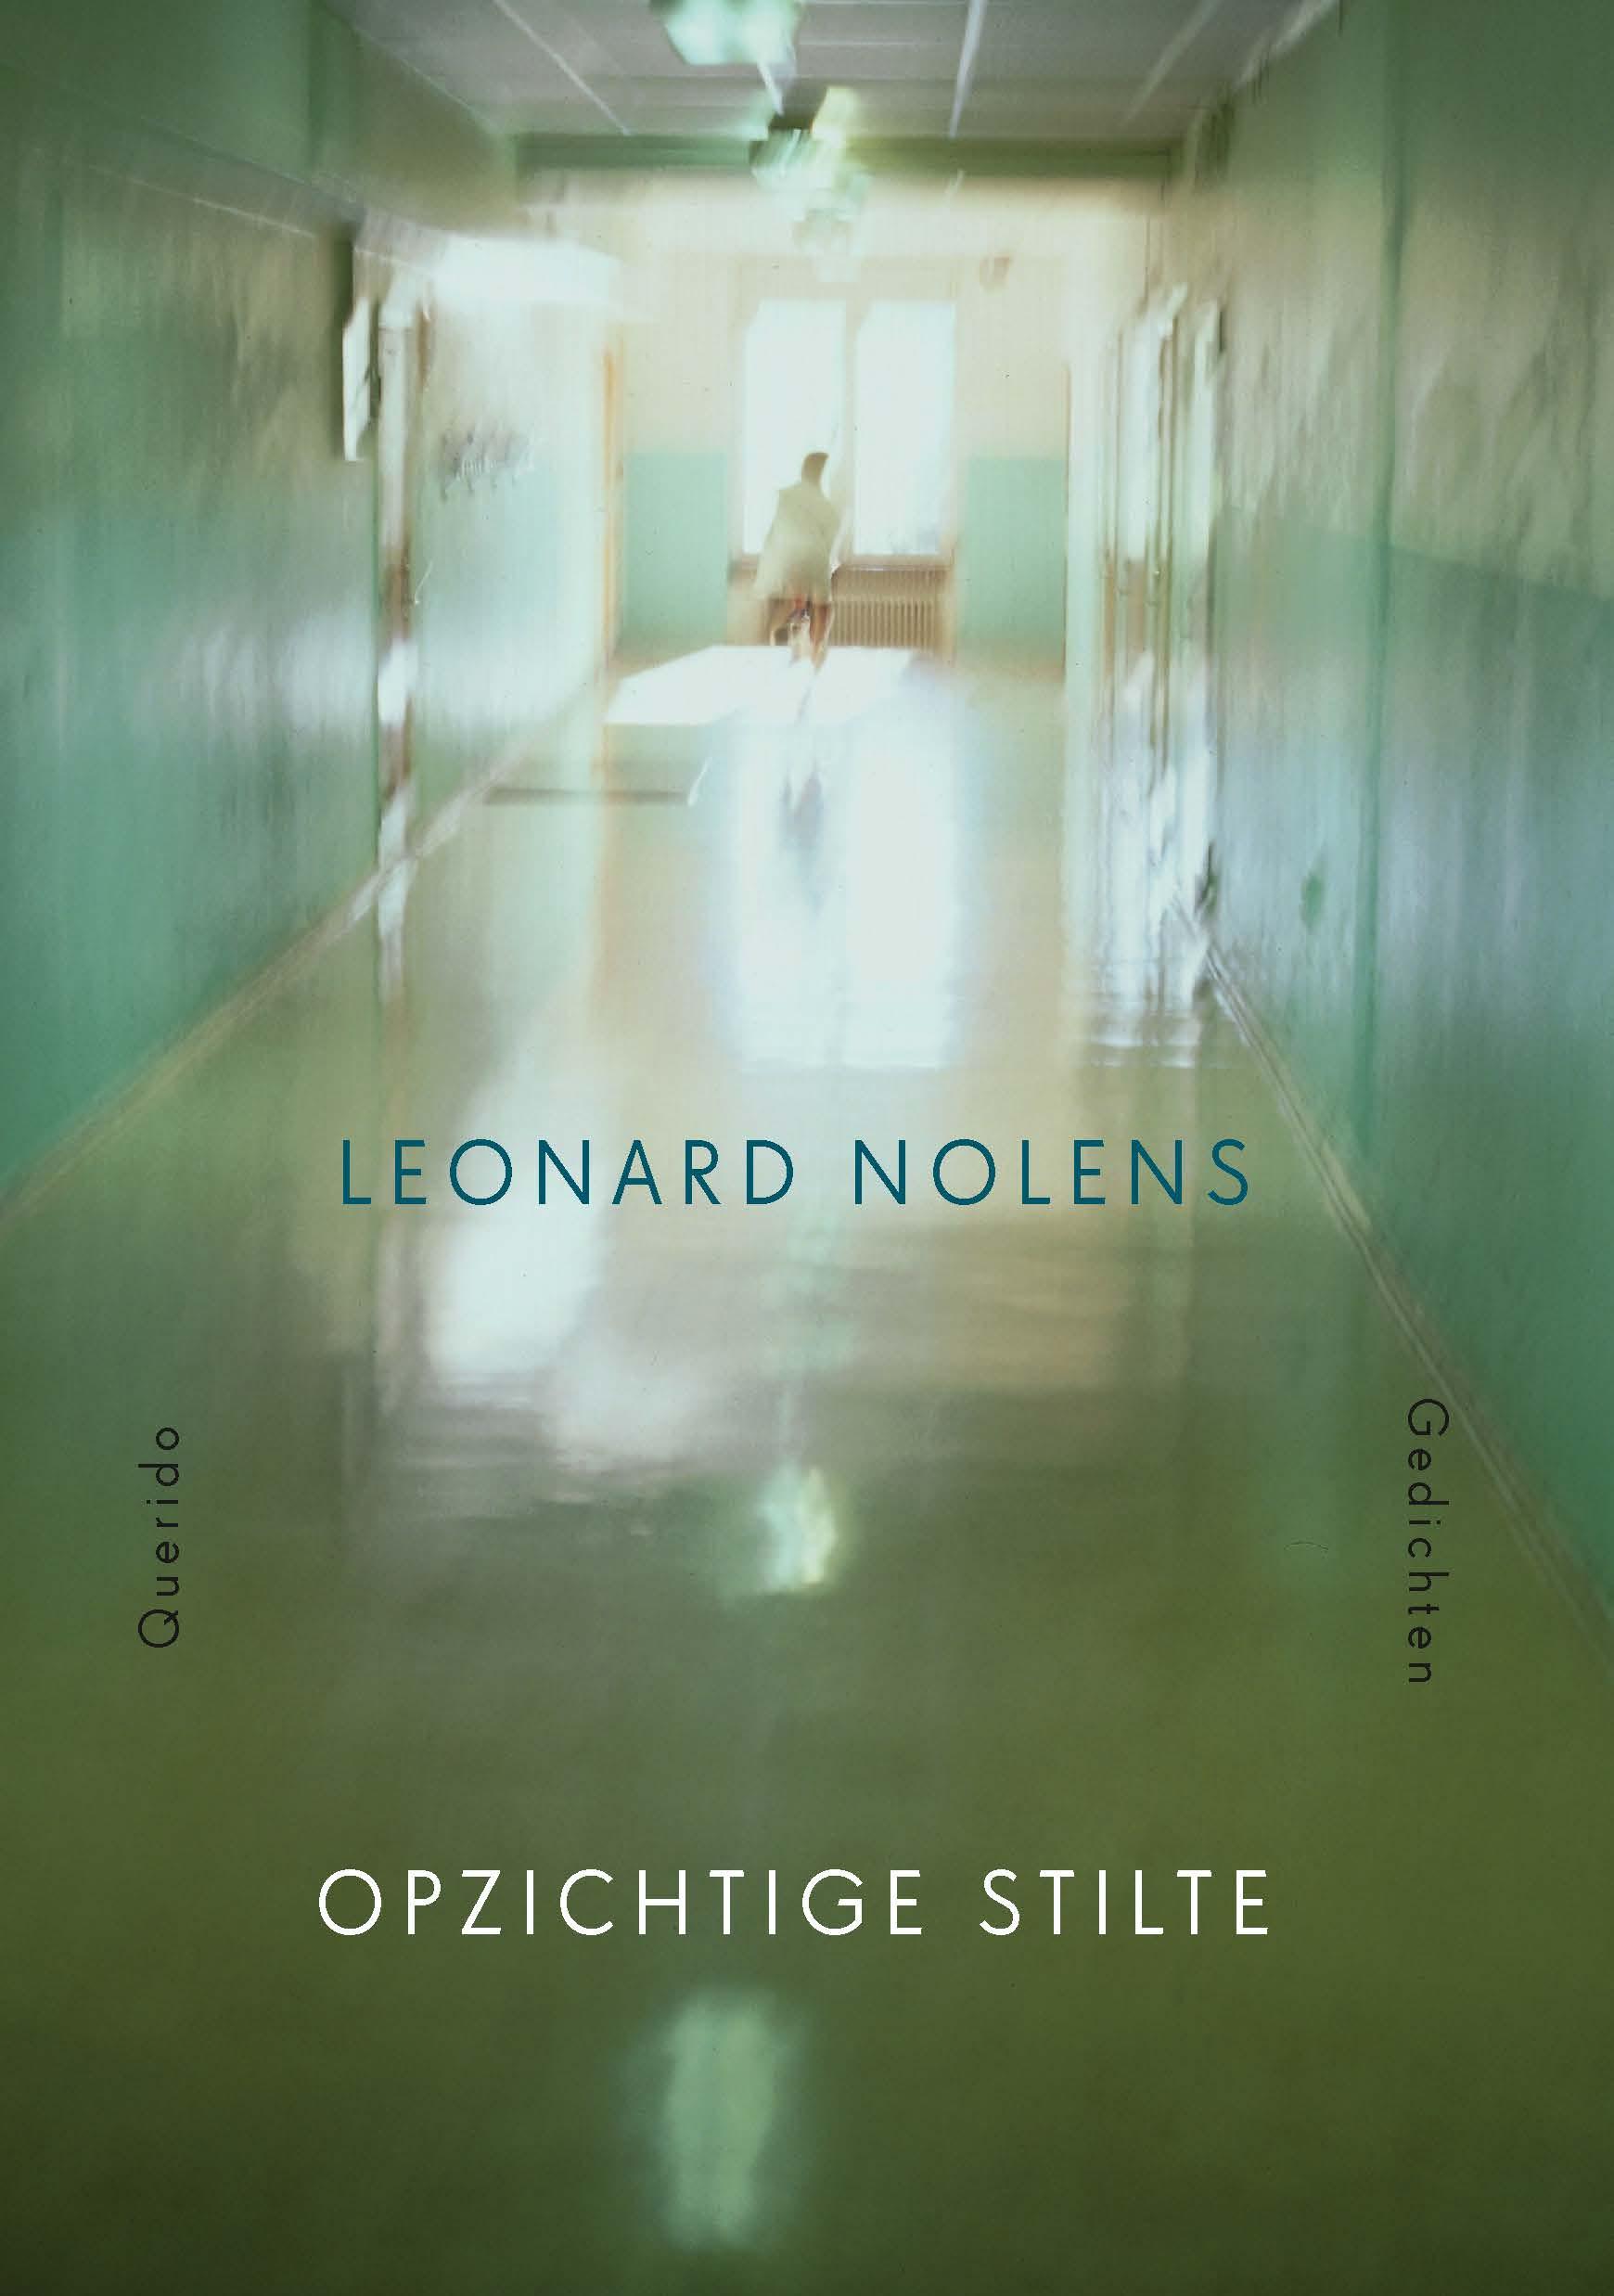 Leonard Nolens Opzichtige Stilte